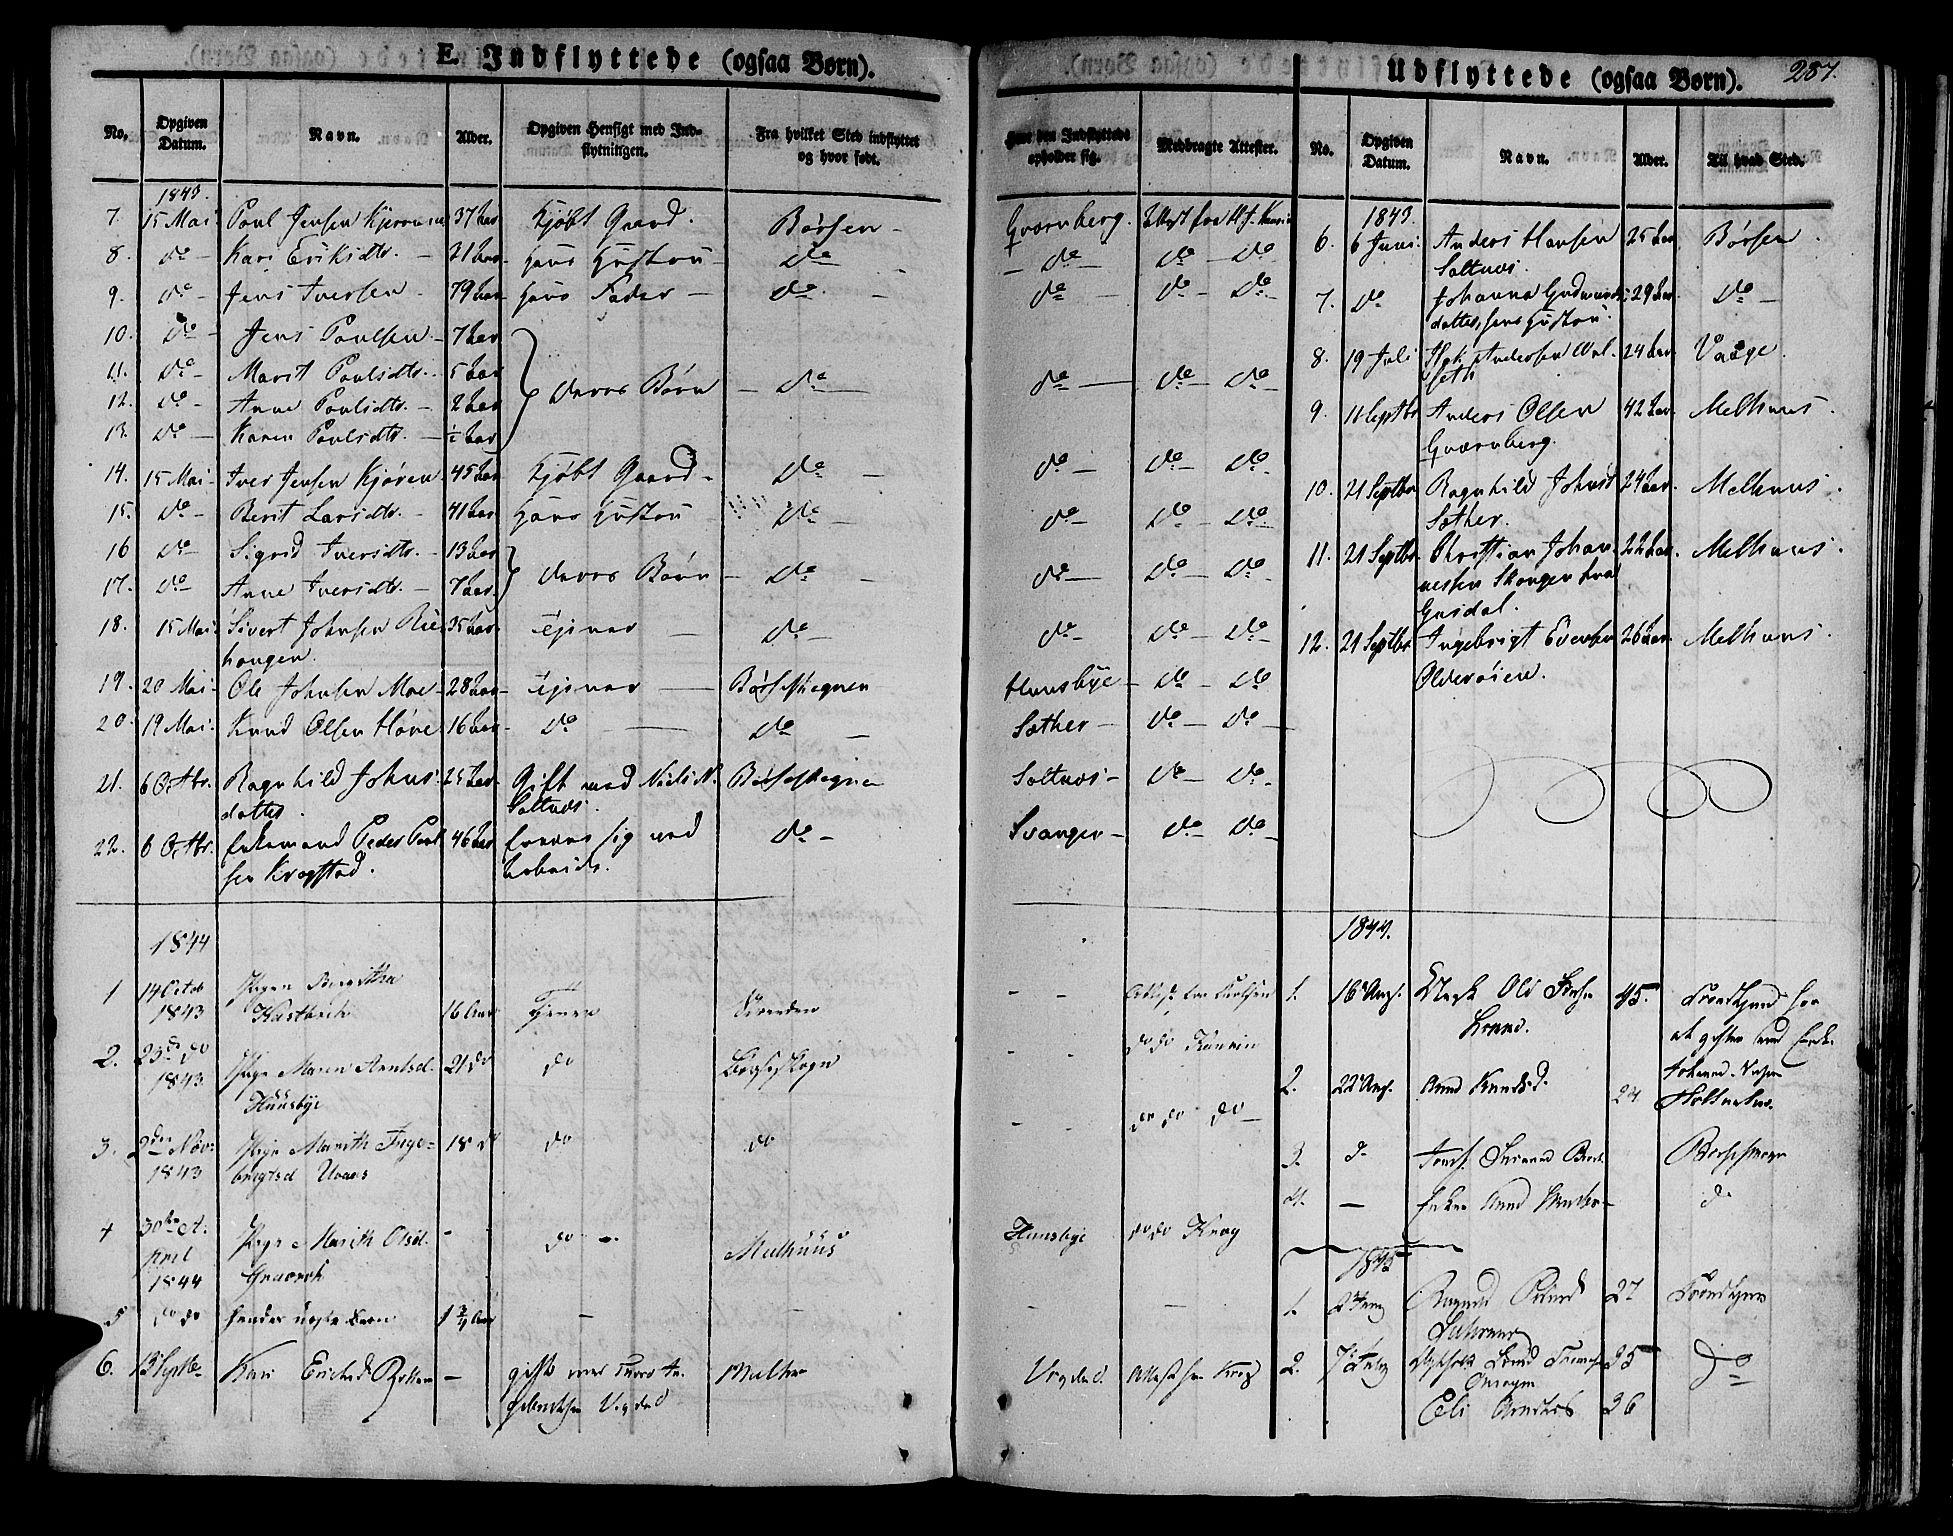 SAT, Ministerialprotokoller, klokkerbøker og fødselsregistre - Sør-Trøndelag, 612/L0375: Ministerialbok nr. 612A07 /2, 1829-1845, s. 287